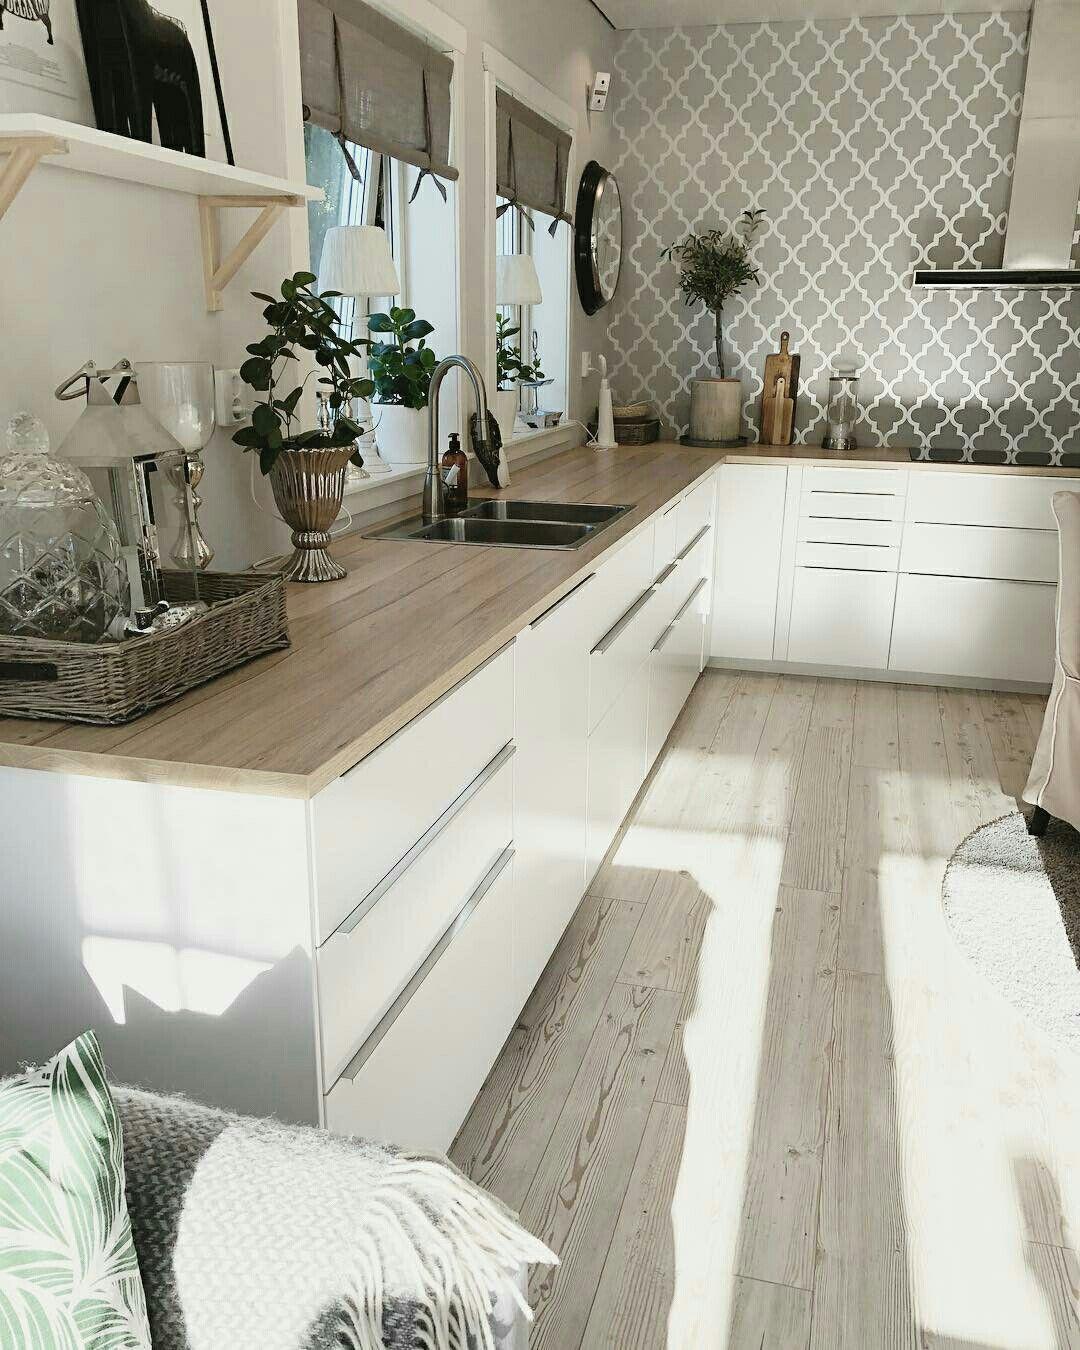 Küchenschrank ideen kleine küchen pin von anteuti auf küche  pinterest  traumhaus haus und dekoration